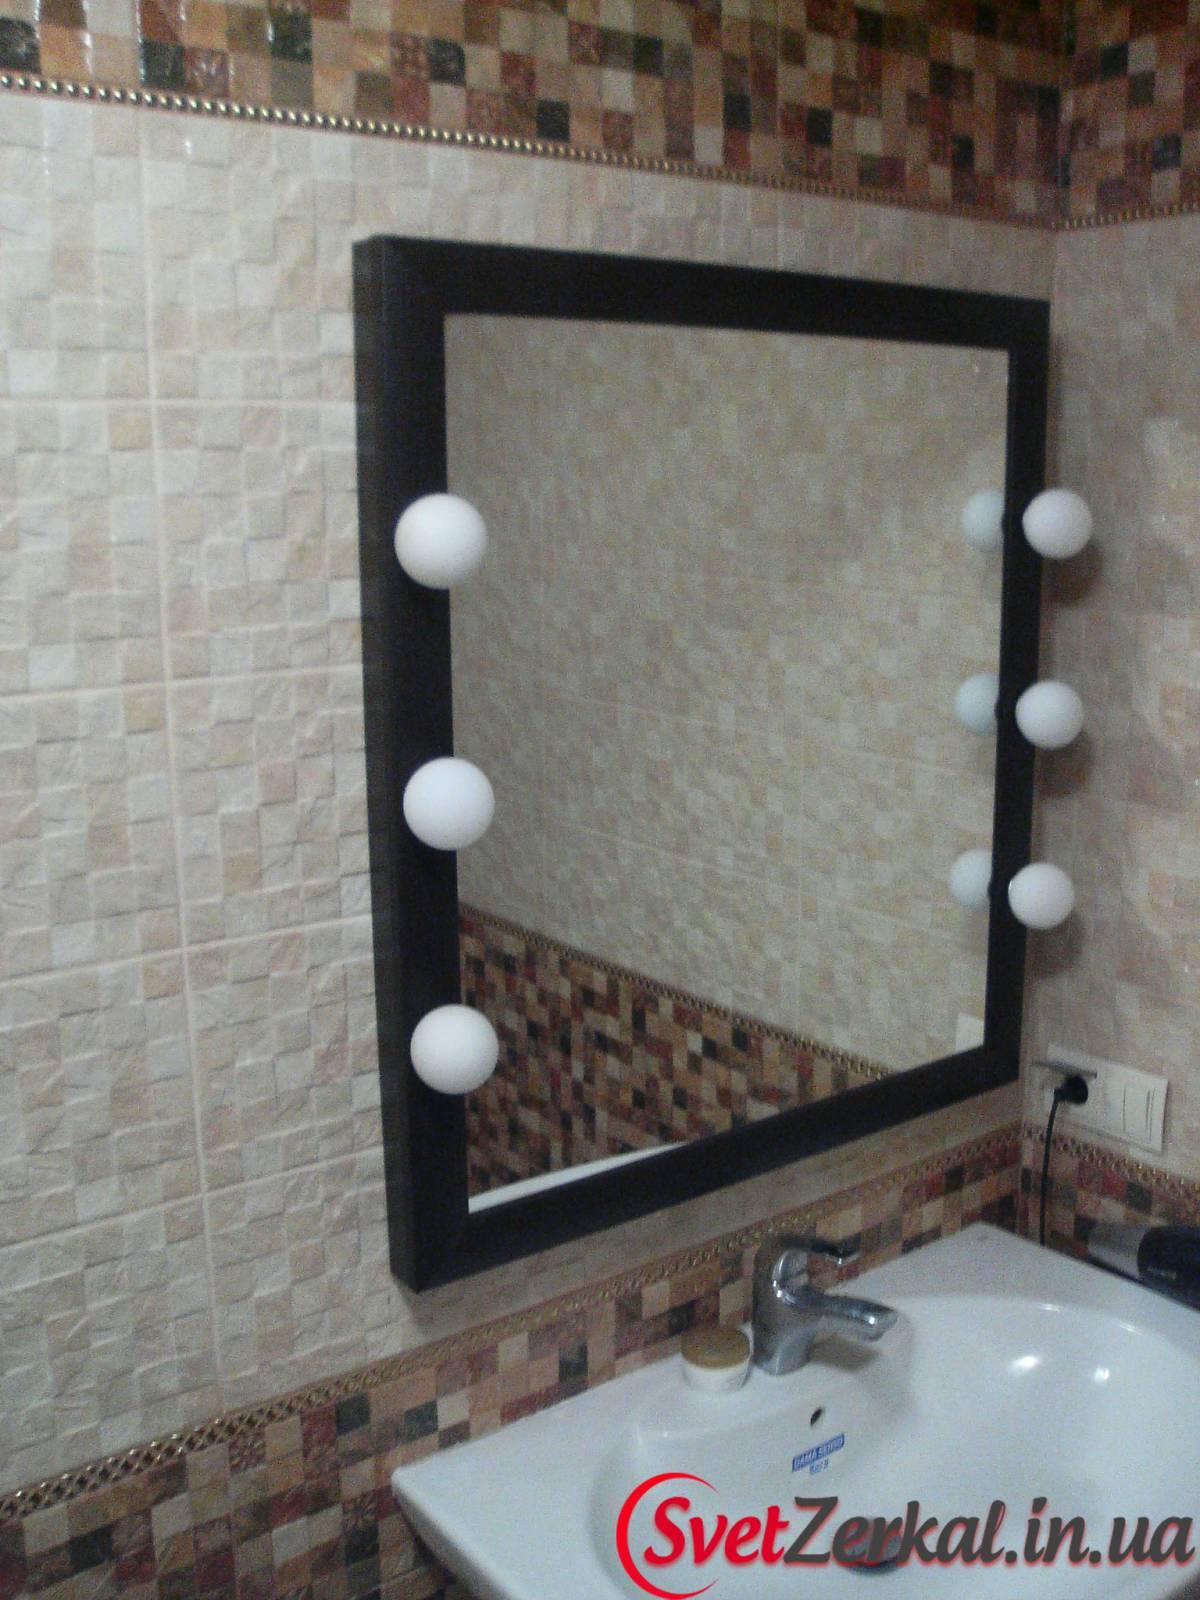 Подсветка для зеркала для макияжа своими руками